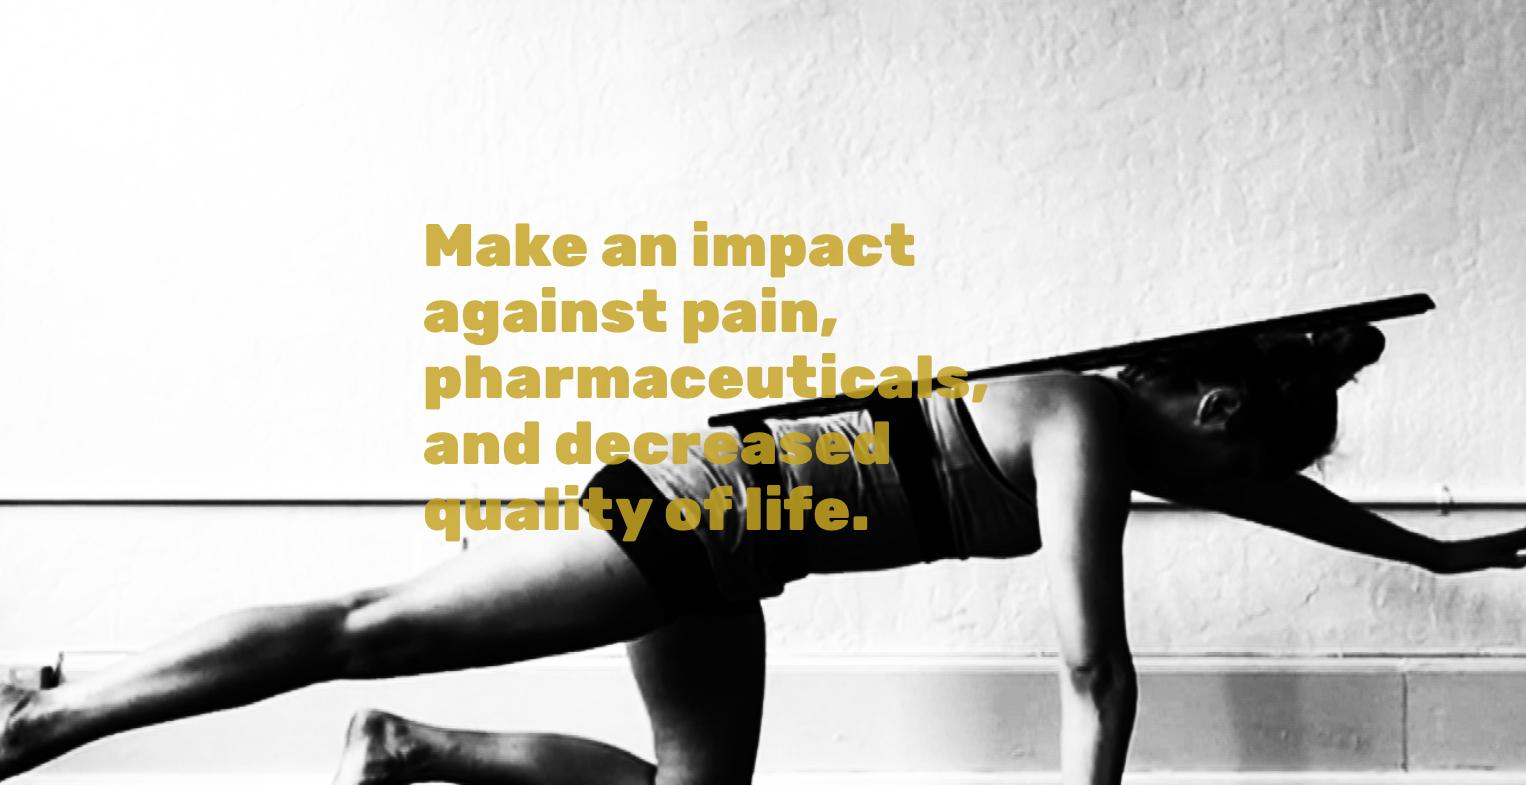 make_an_impact copy.png